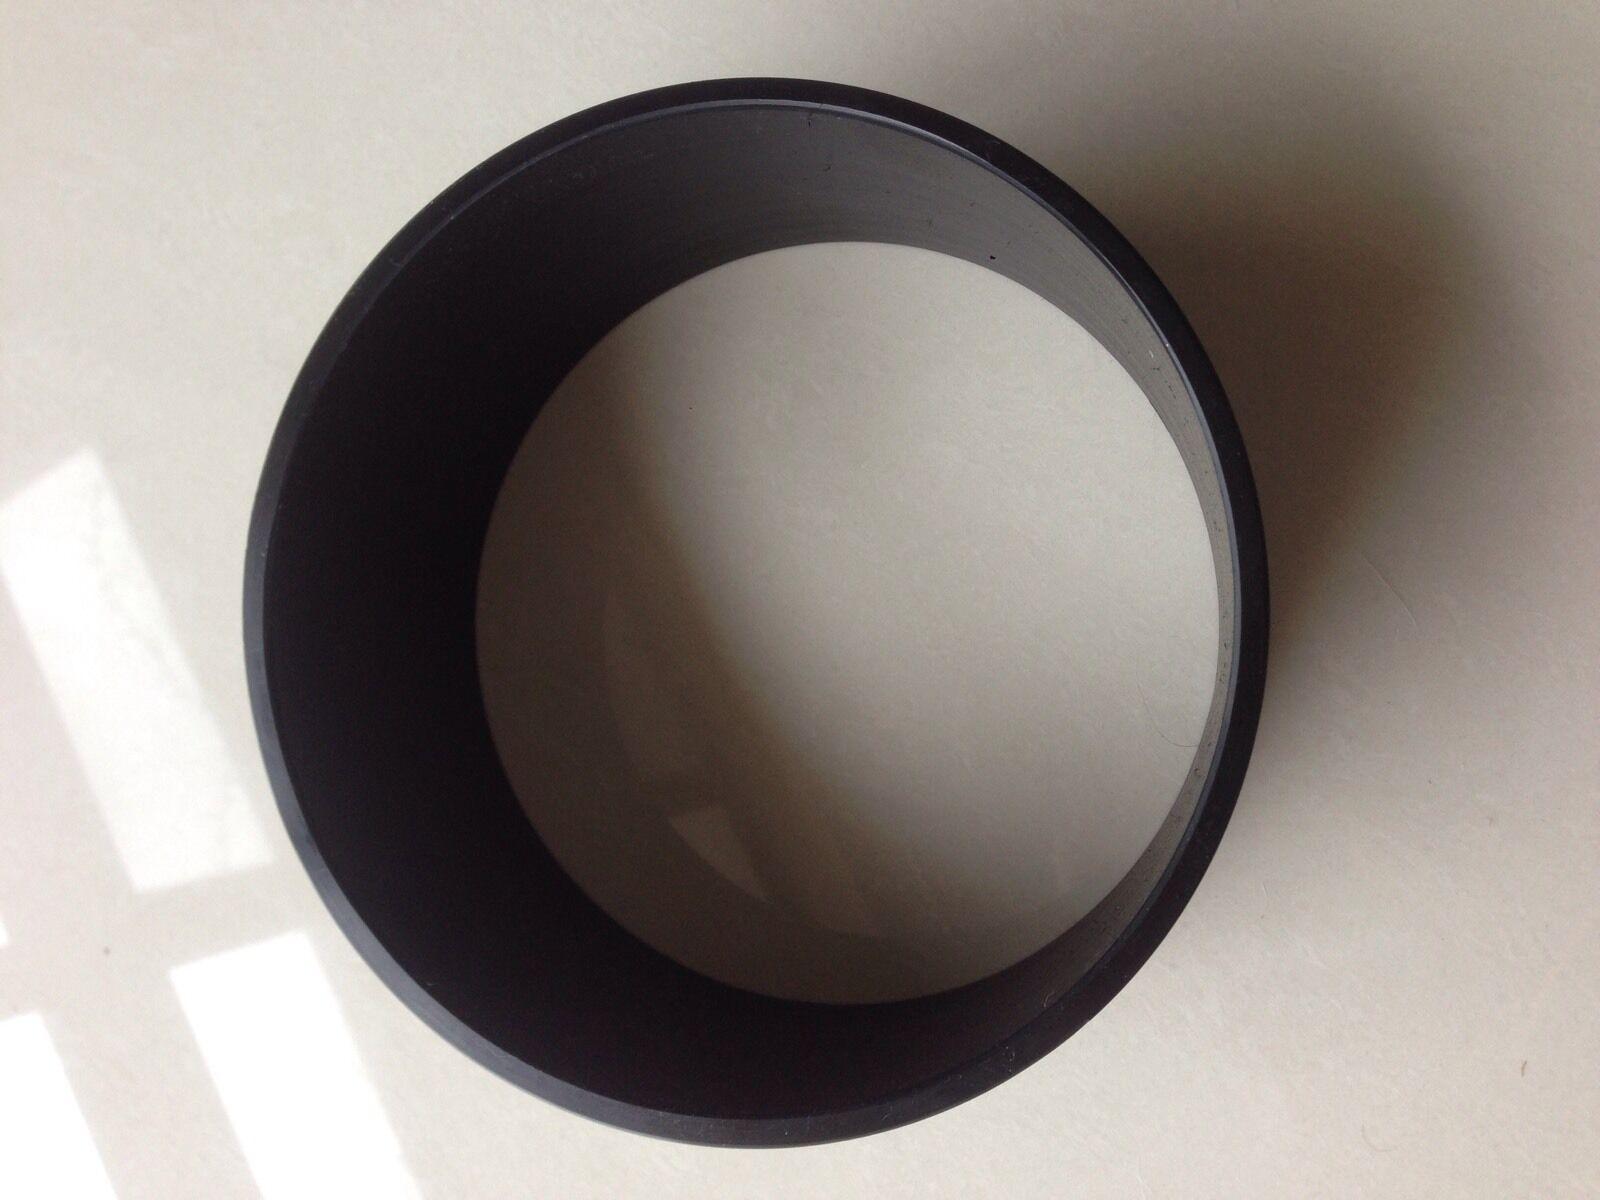 New Seadoo Wear Ring 162mm 2016 Rxp Rxt Gtx 300Hp Rxp300 Rxt300 Rxt-x300